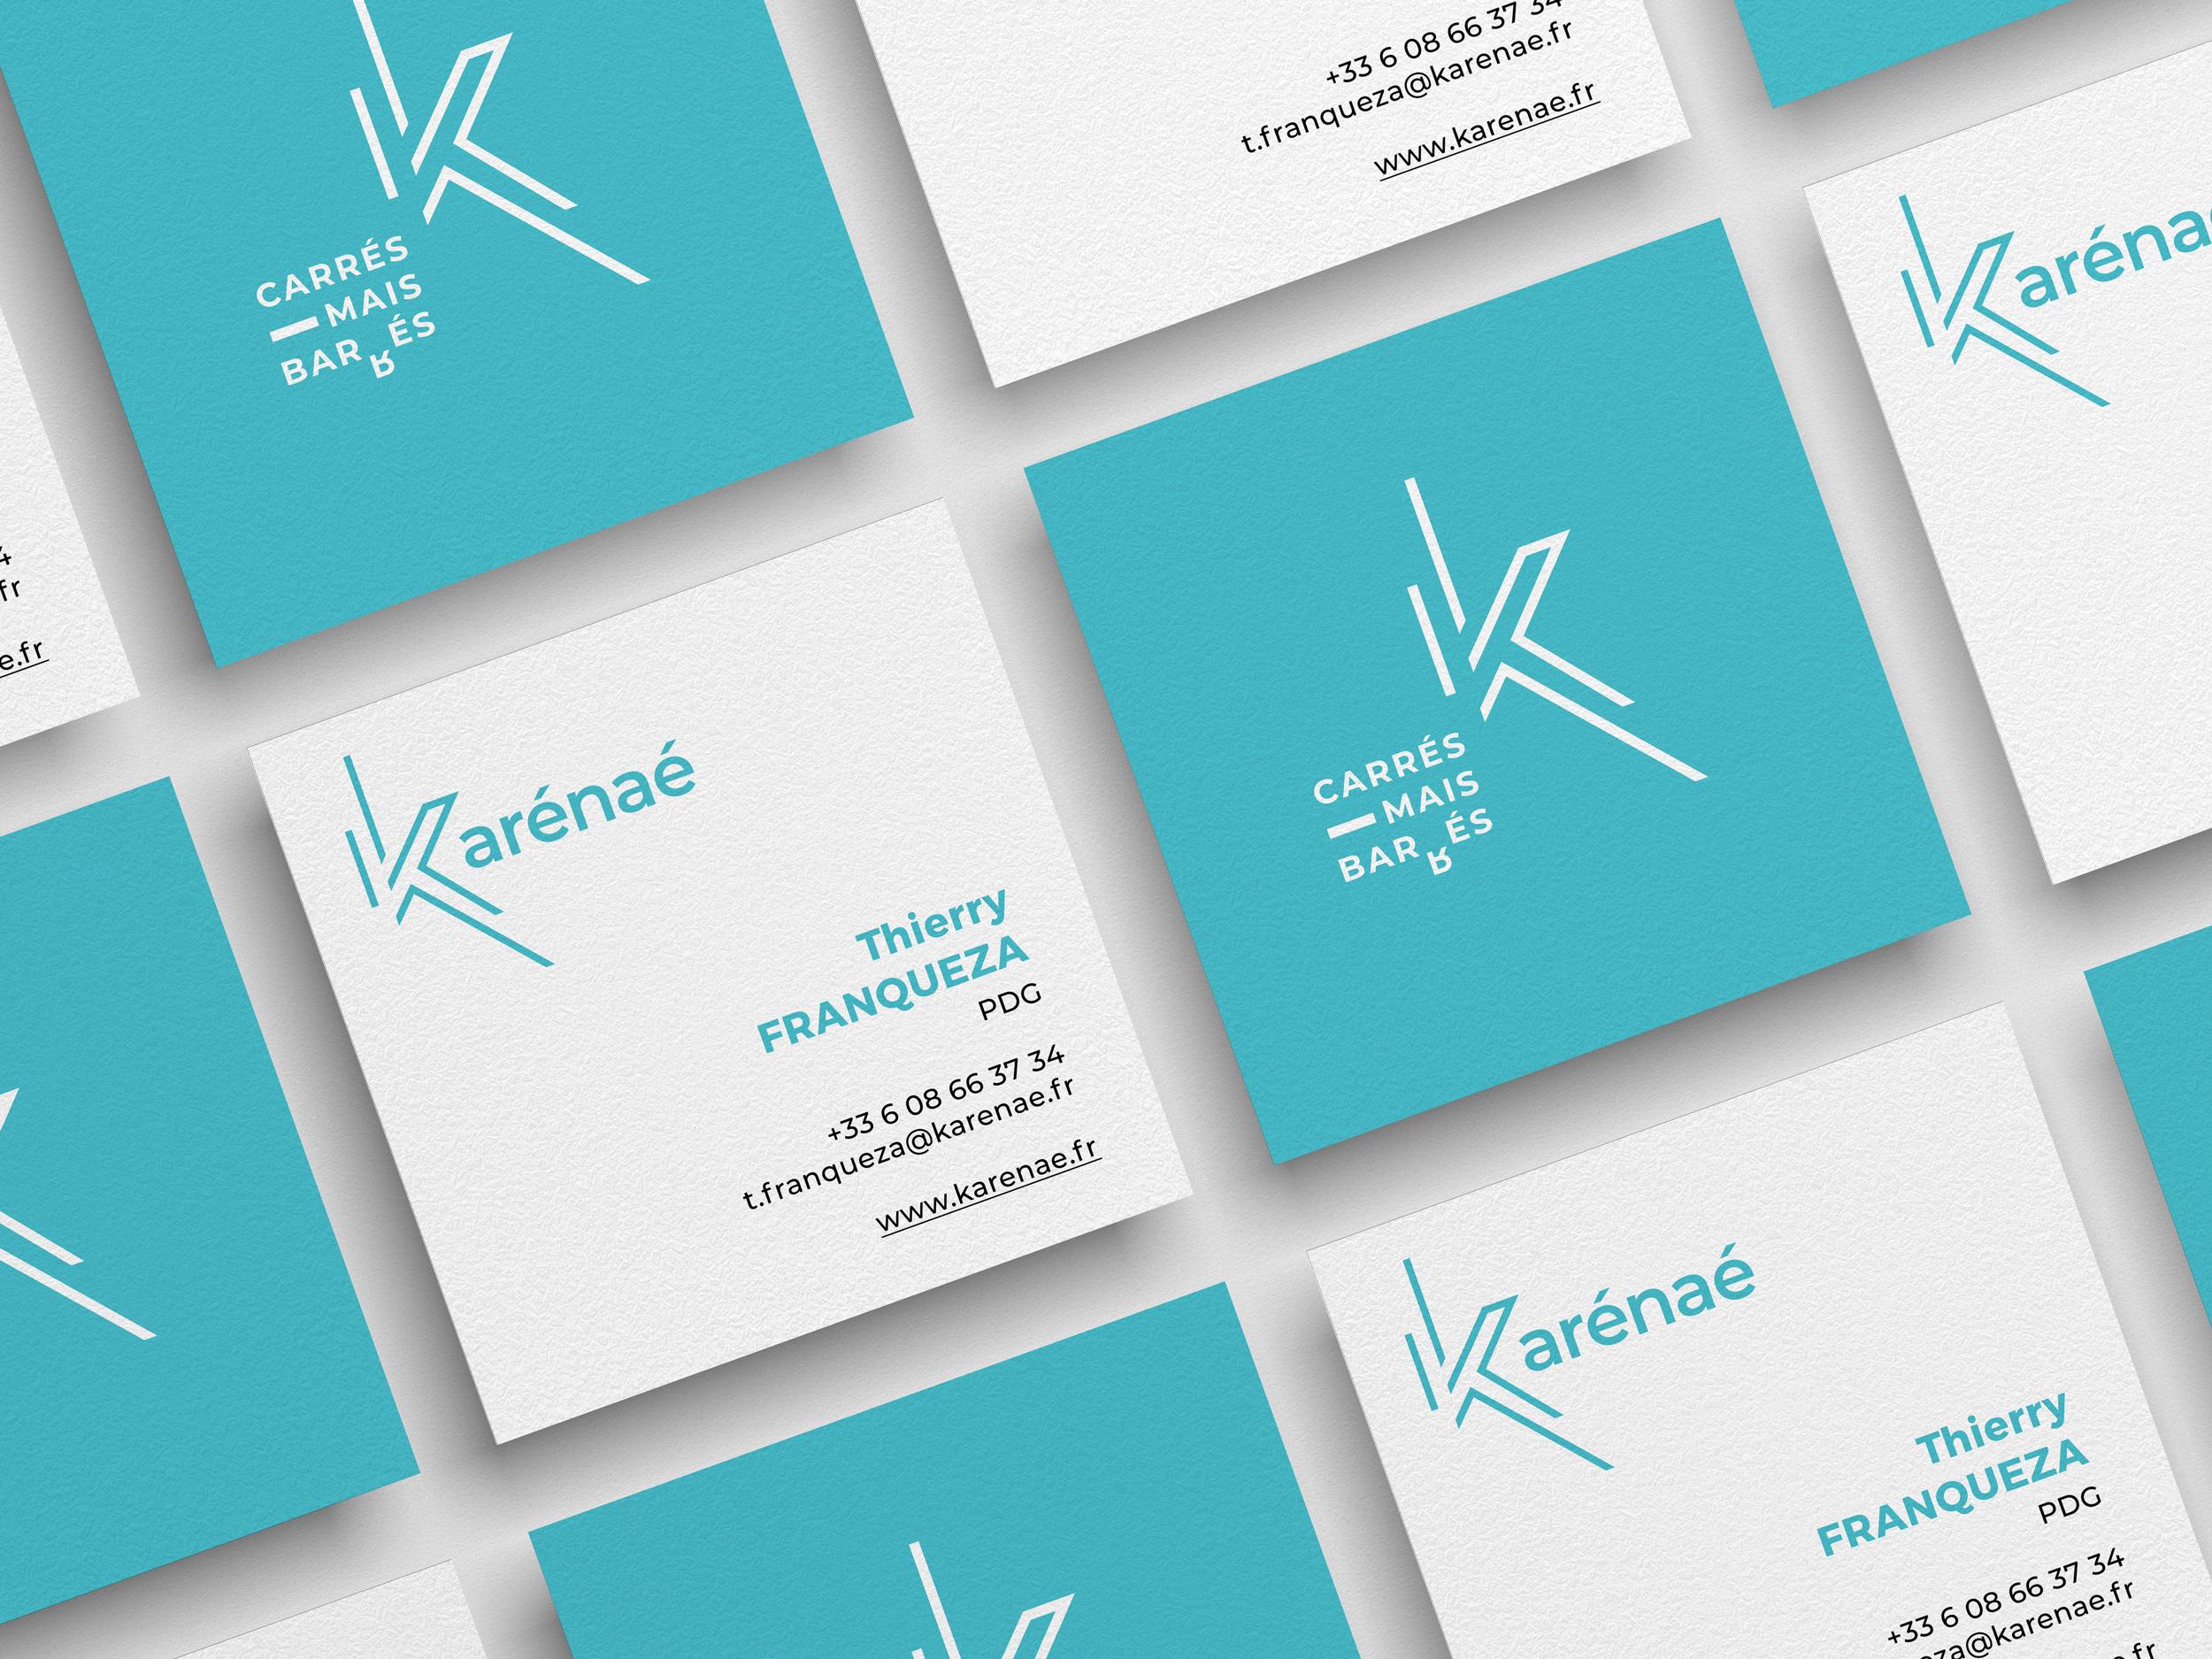 KARENAE-carte-logo-turquoise